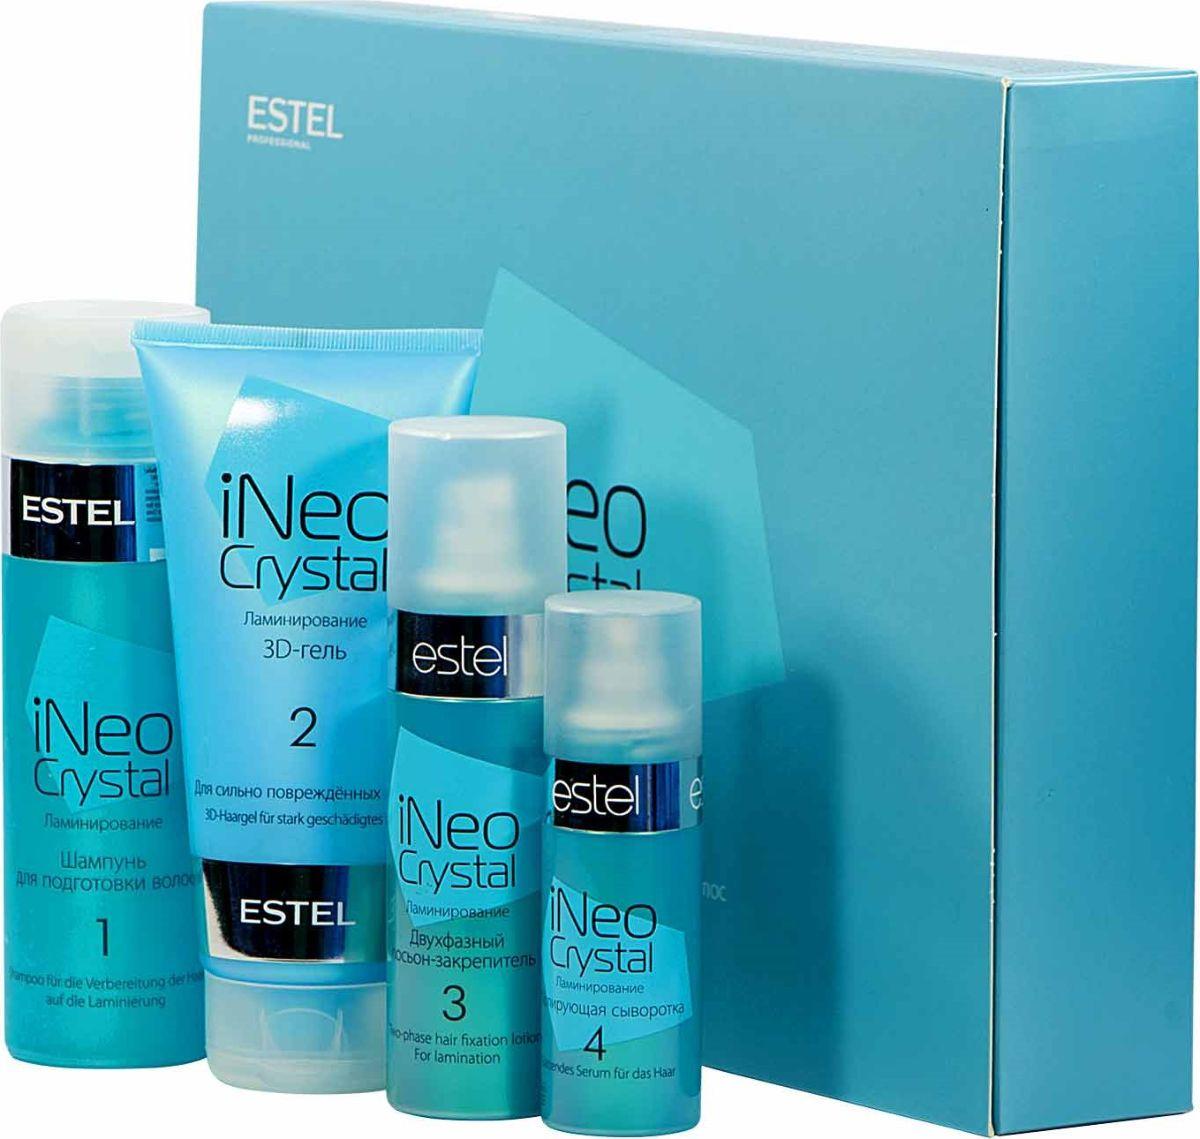 Estel iNeo-Crystal Набор для процедуры ламинирования волос с 3D-гелем для сильно поврежденных волосCR.5Процедура разработана в лаборатории ESTEL с учетом новейших достижений современной науки и отвечает самым высоким стандартам качества, обеспечивая отличный результат. Результат: Укрепление и выравнивание структуры волоса; Придание дополнительного объема, блеска, шелковистости; Сохранение и поддержание цвета окрашенных волос; Предохранение от механических повреждений и вредного воздействия окружающей средыОбъем: